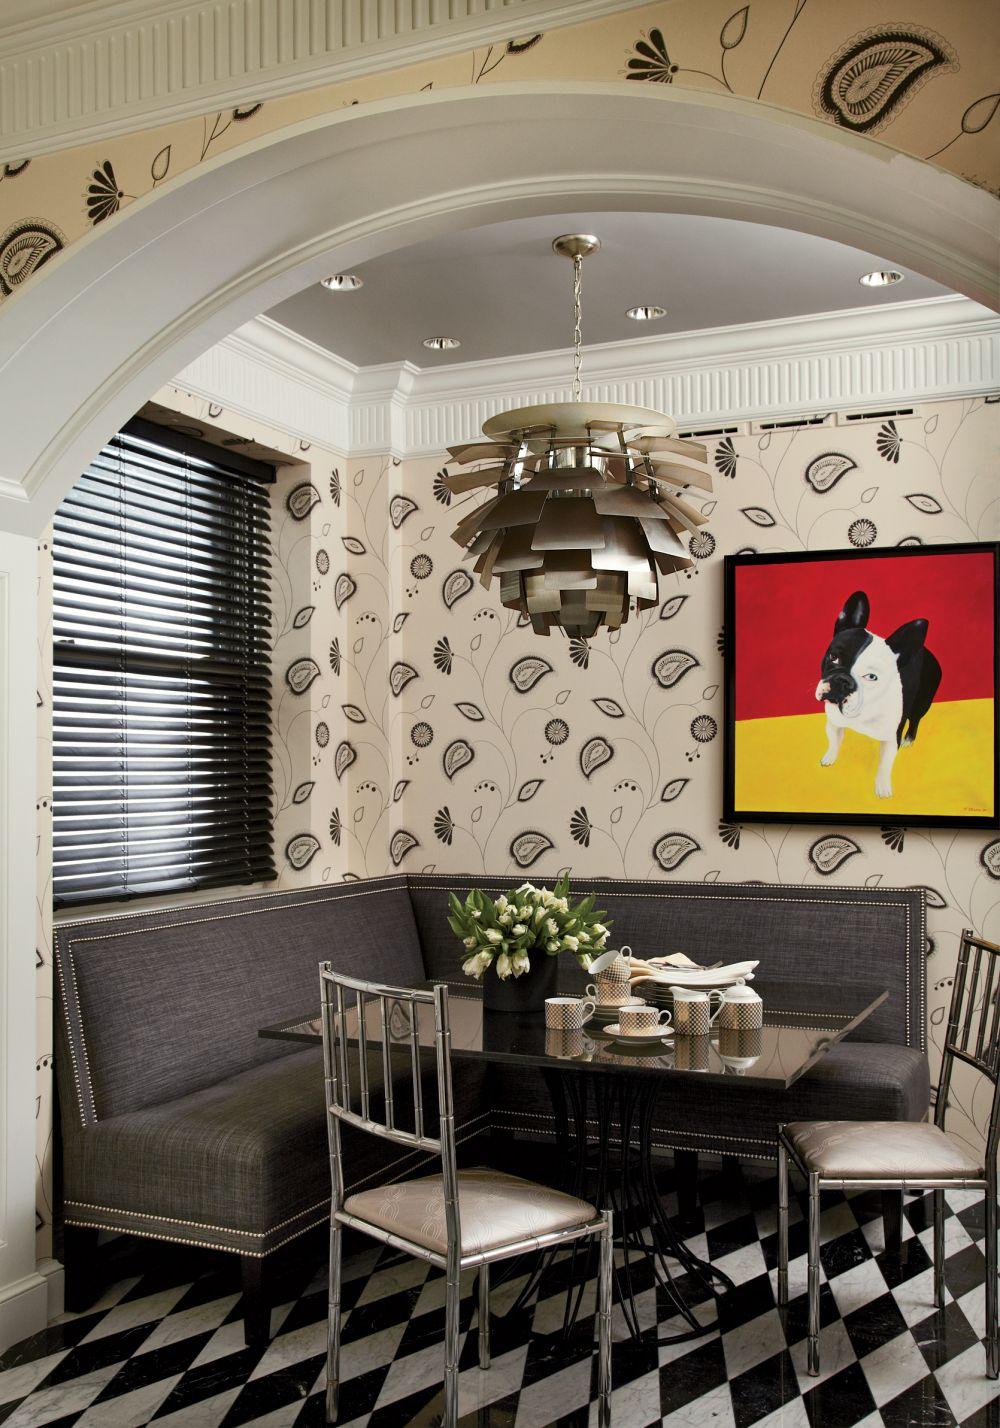 Jean-Louis Deniot New Family French Style Apartment (9) jean-louis deniot The Luxury Parisian Design of a Chicago Apartment by Jean-Louis Deniot Jean Louis Deniot New Family French Style Apartment 9